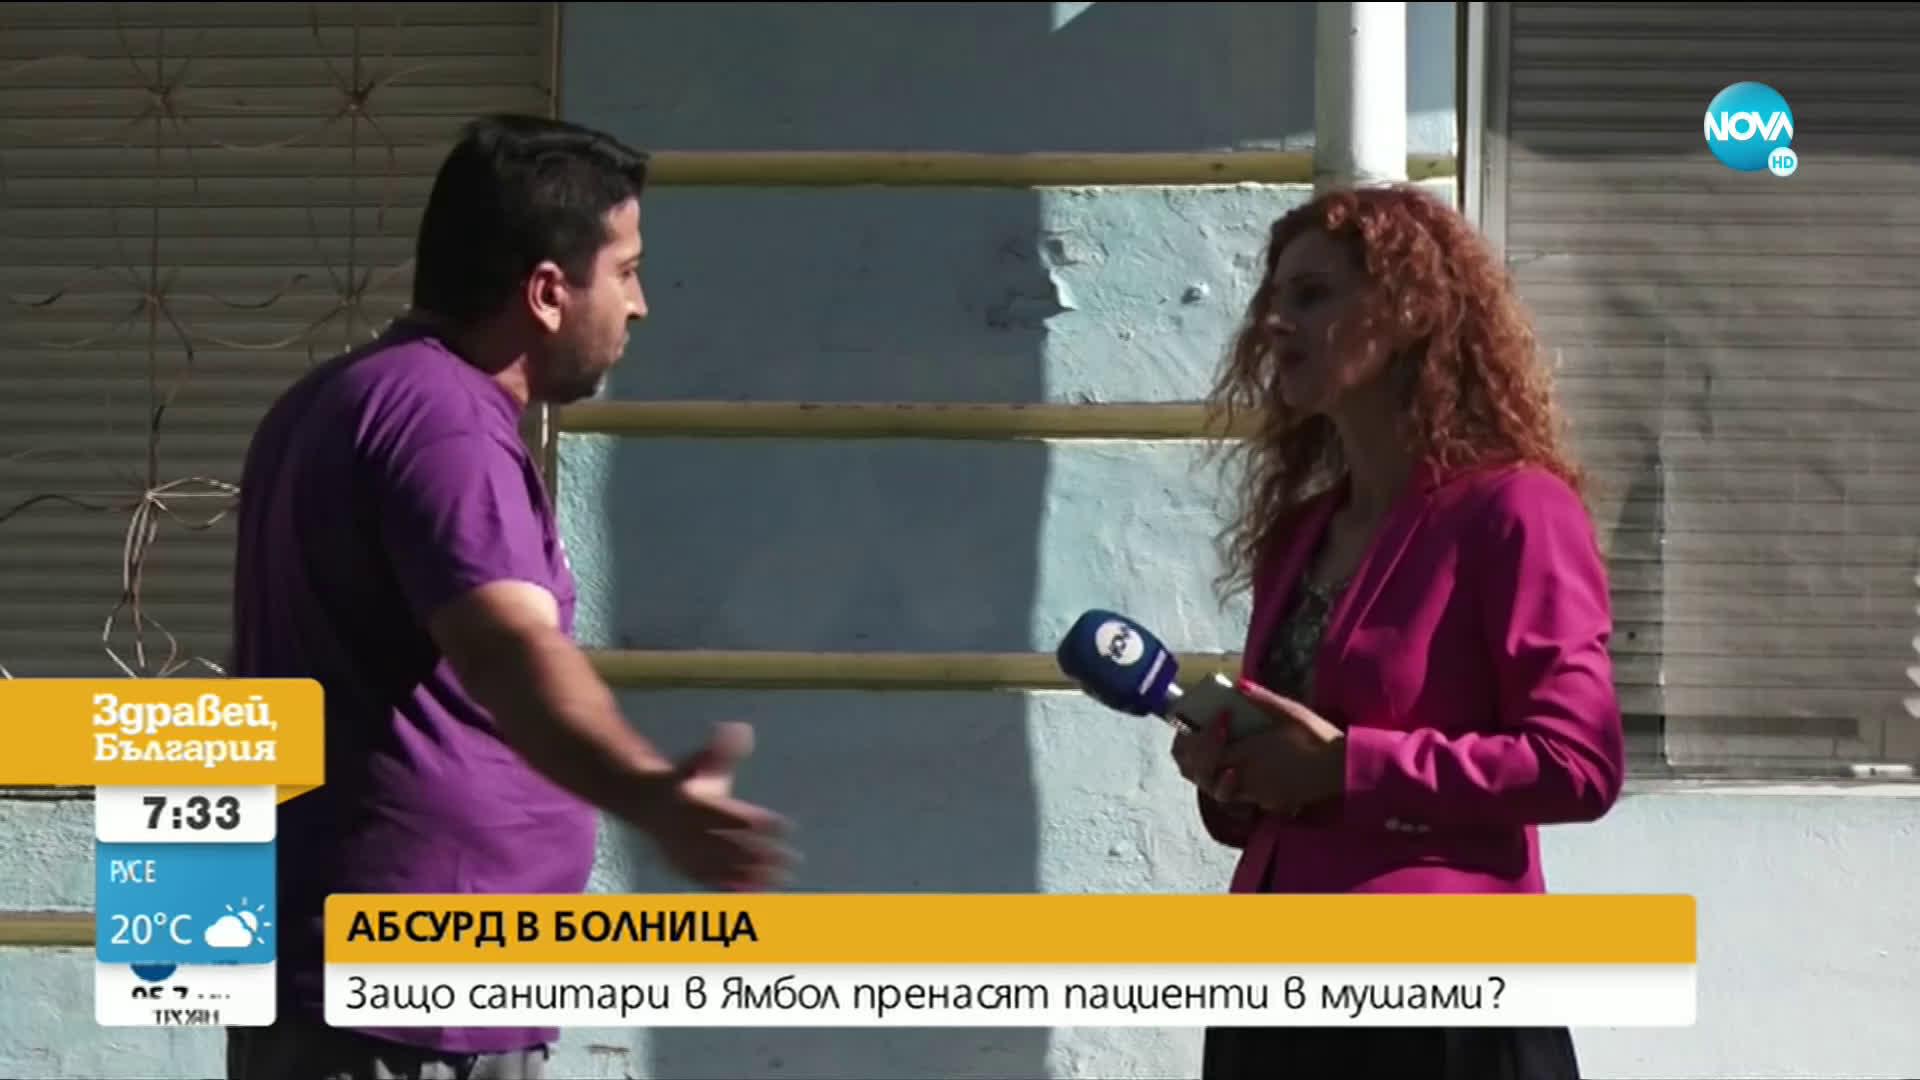 БОЛНИЧЕН АБСУРД: Защо санитари в Ямбол пренасят пациенти в мушами?